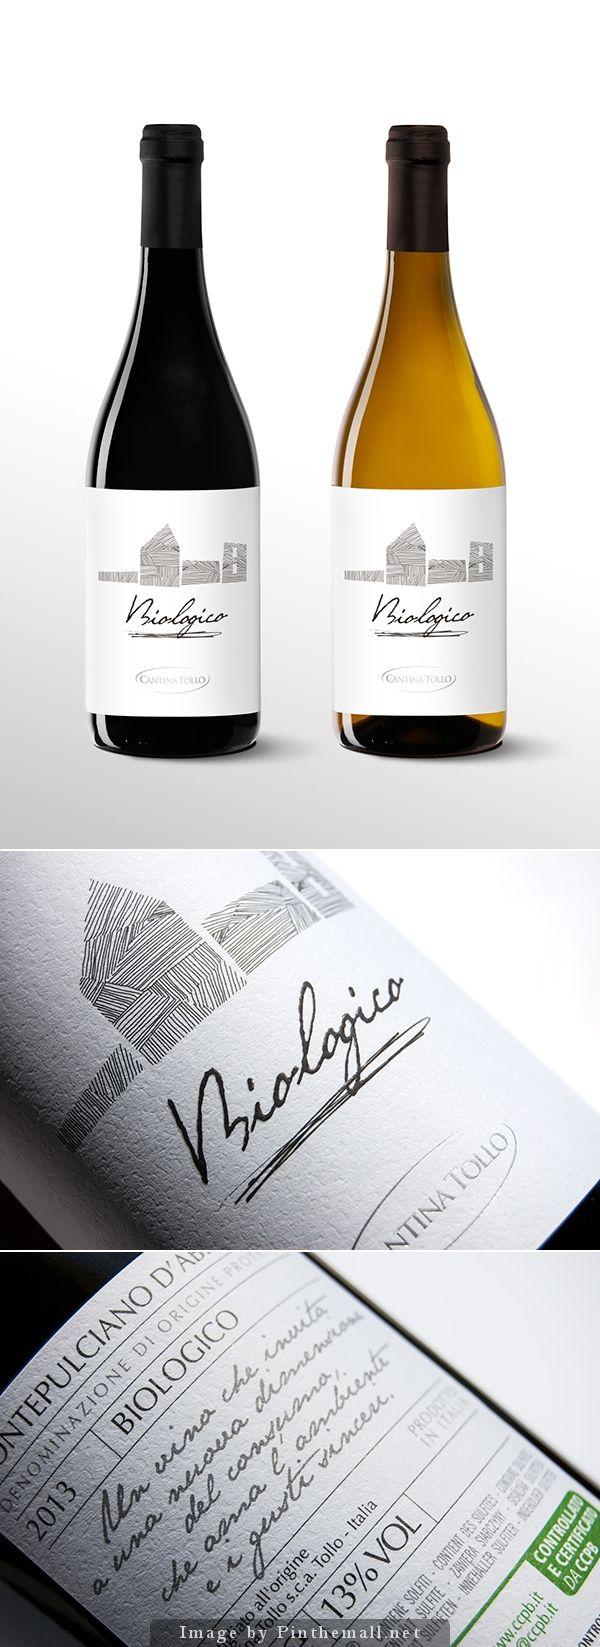 Etichetta vino biologico Cantina Tollo